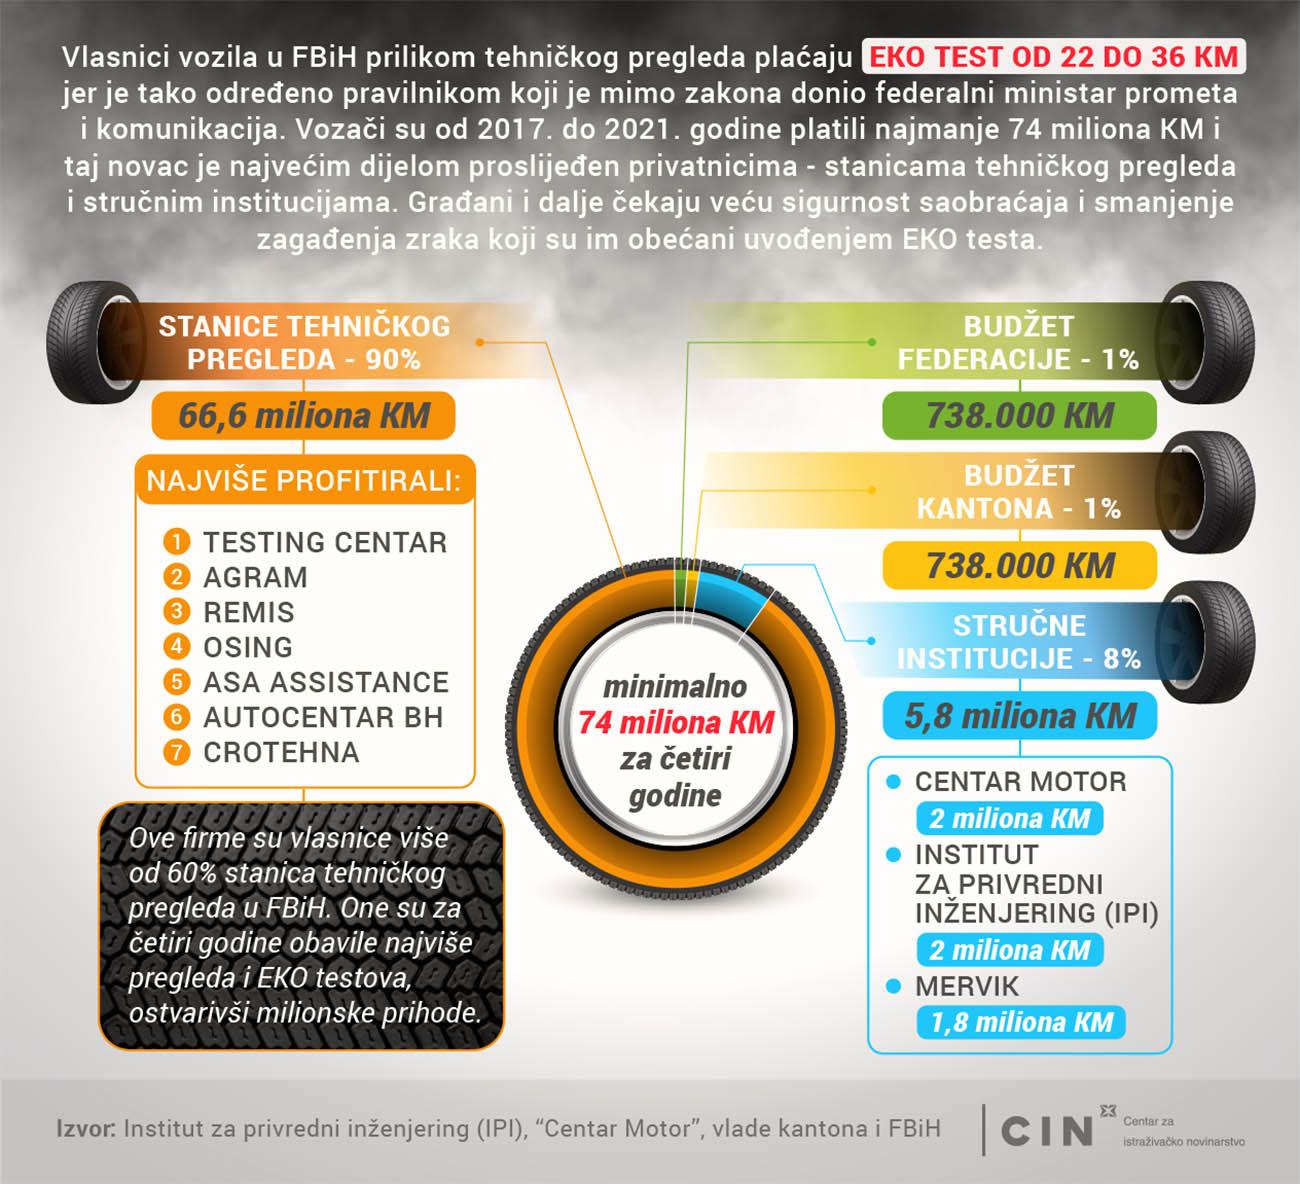 Infografika_EKO test_FBiH